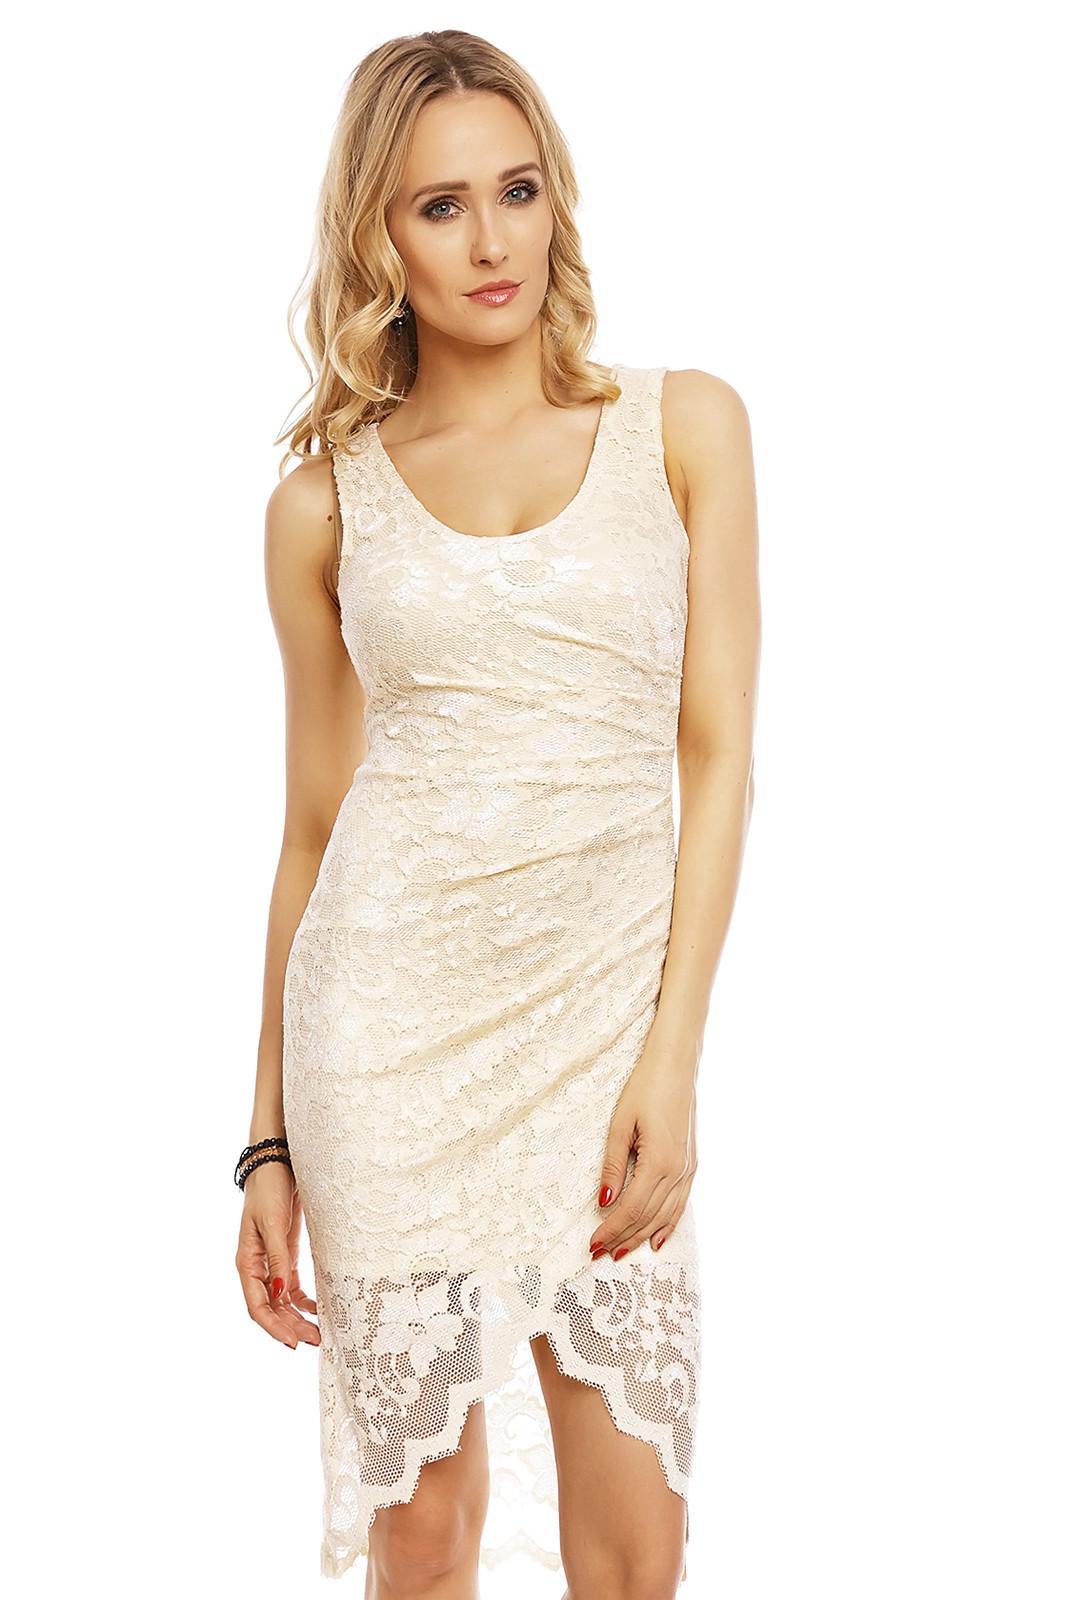 Spoločenské šaty MAYAADI Deluxe krajkové s asymetrickou sukňou krémové - Béžová - MAYAADI krémová XL